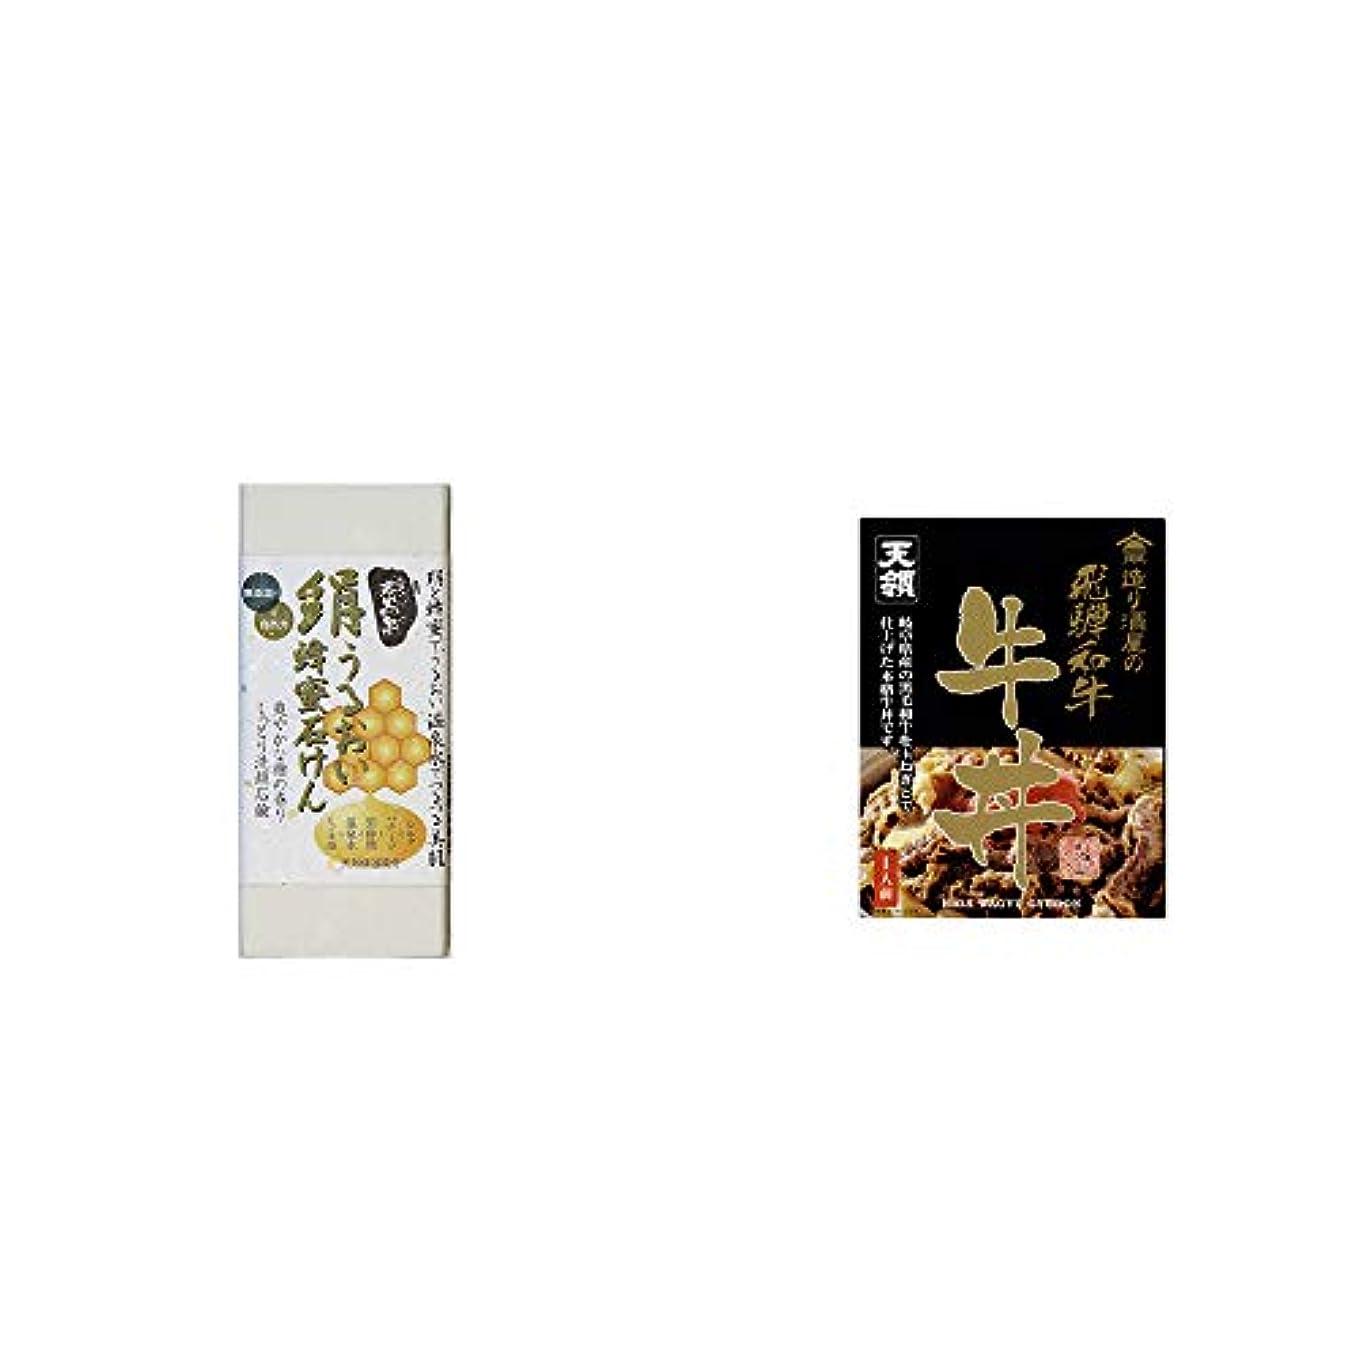 塊気配りのある不条理[2点セット] ひのき炭黒泉 絹うるおい蜂蜜石けん(75g×2)?天領酒造 造り酒屋の飛騨和牛 牛丼(1人前)